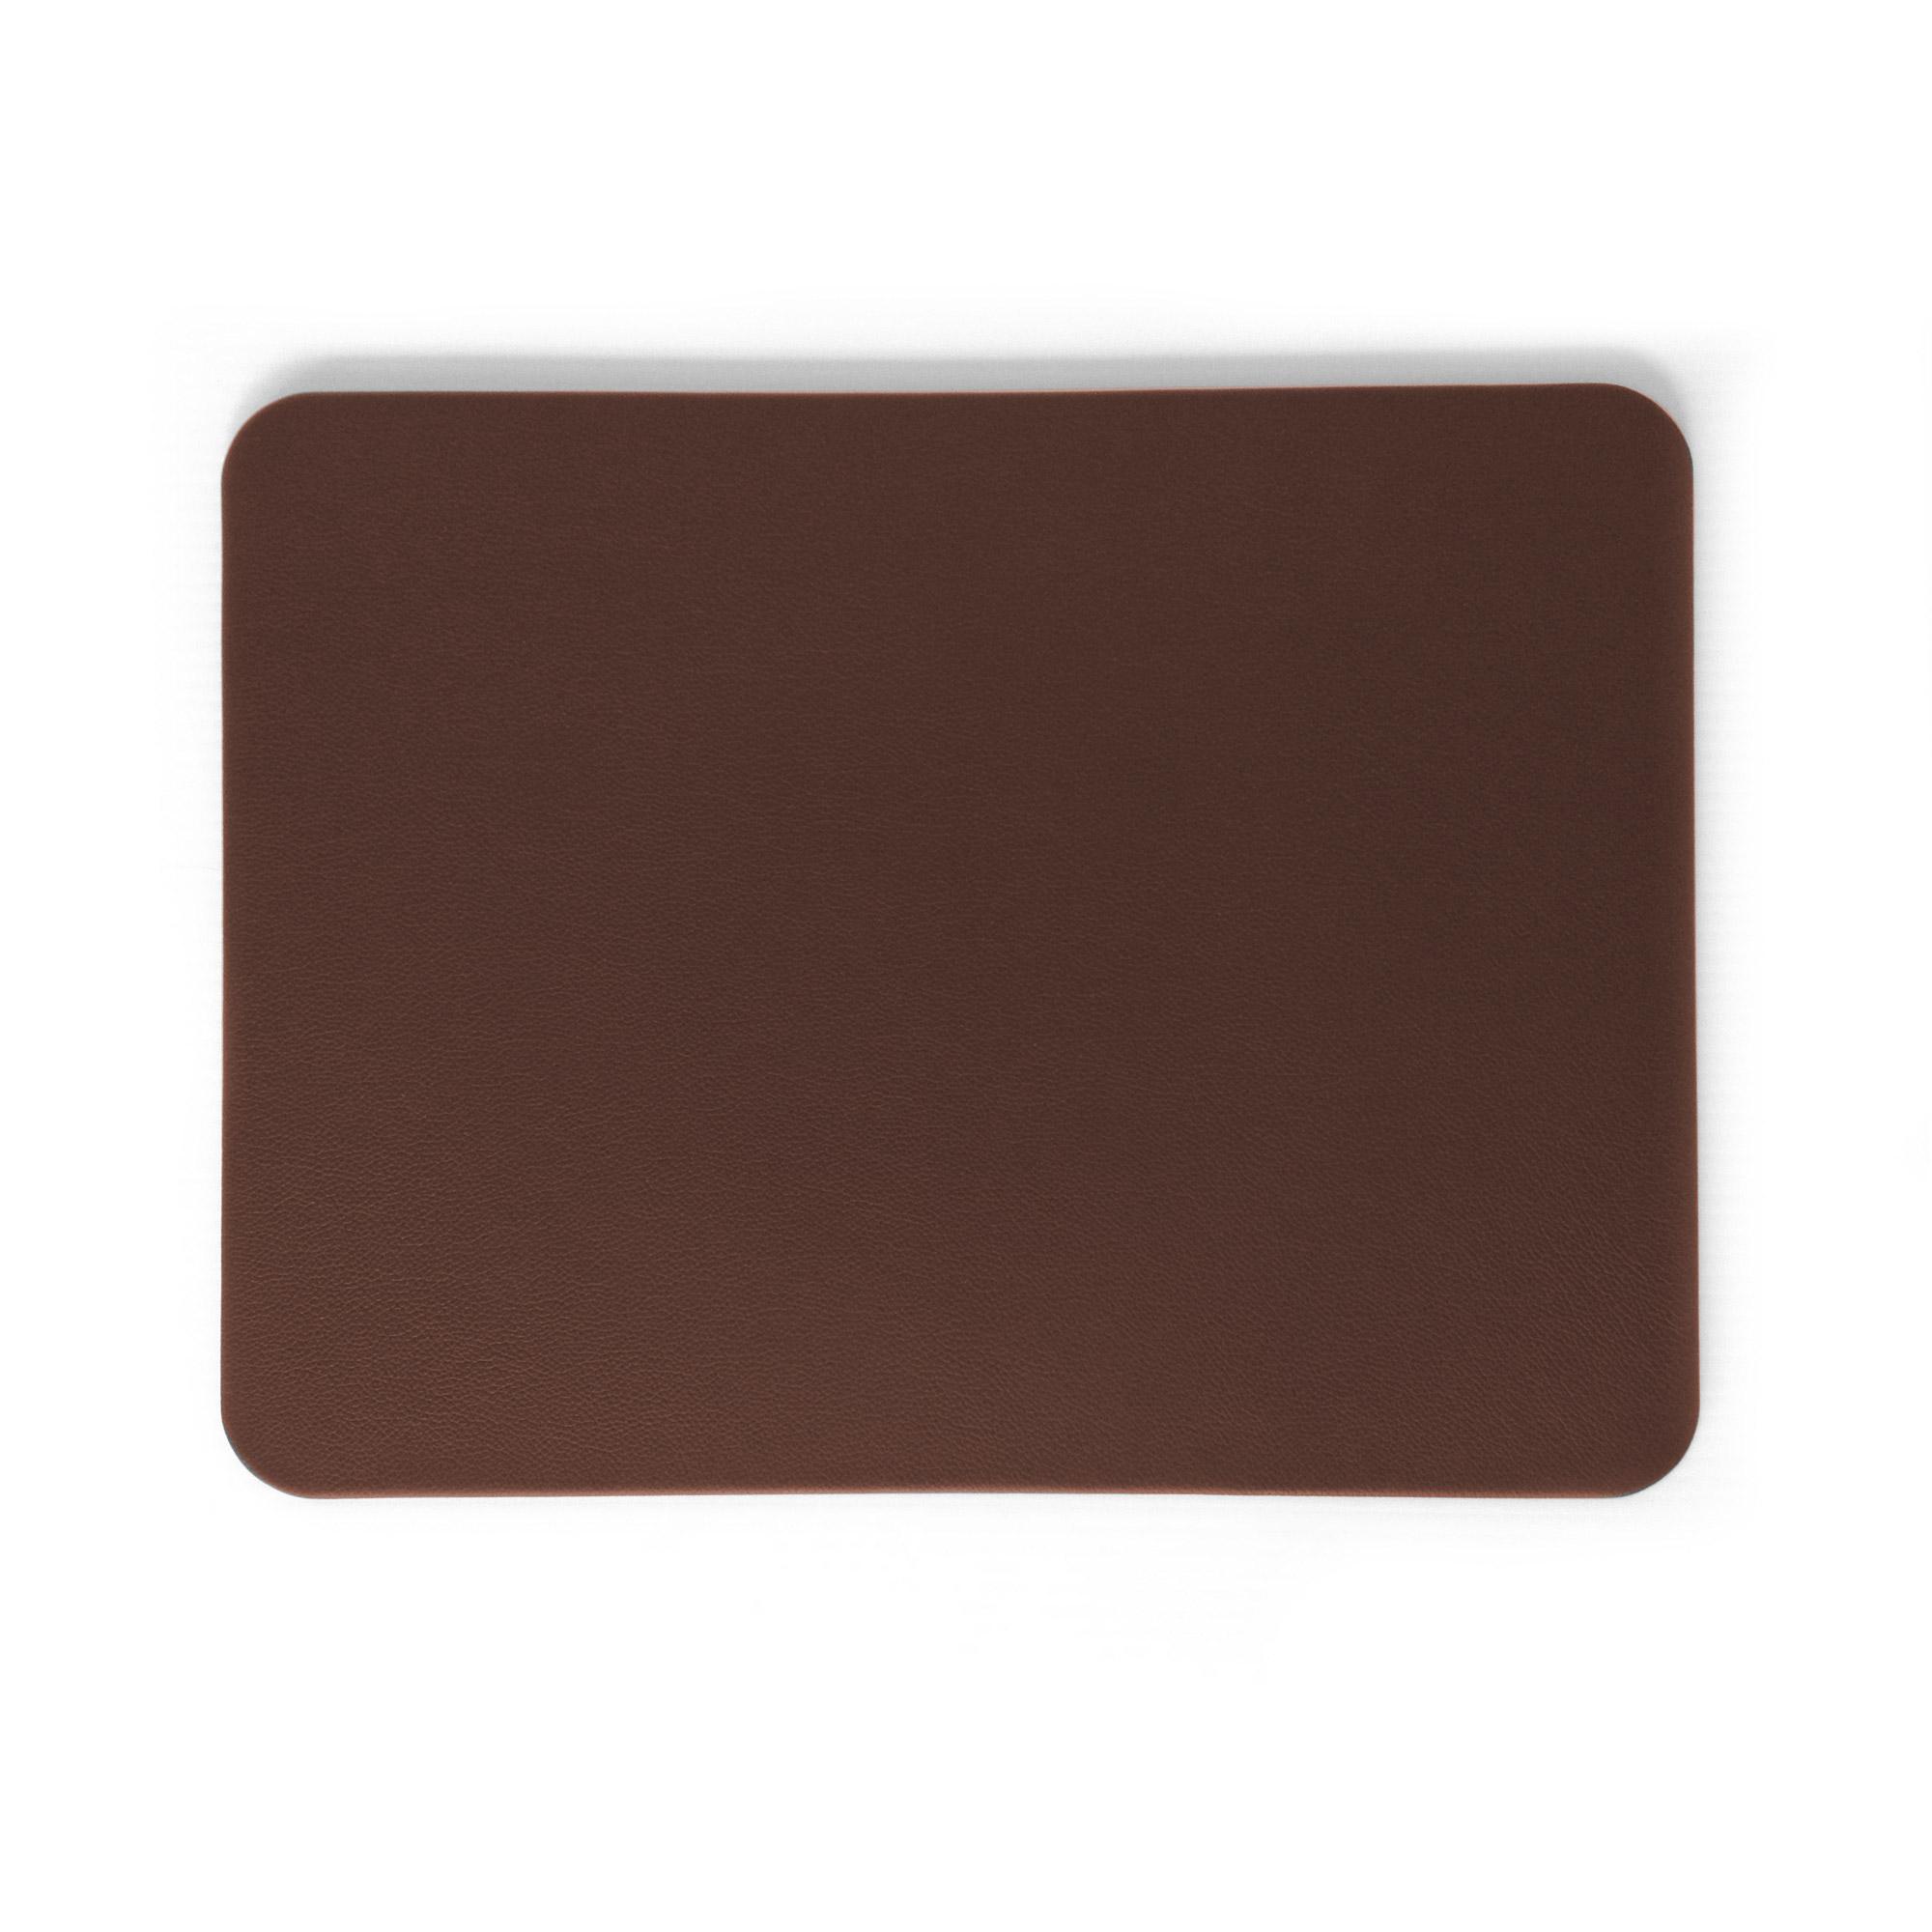 Chestnut Brown Leather Desk Blotter Pad Prestige Office